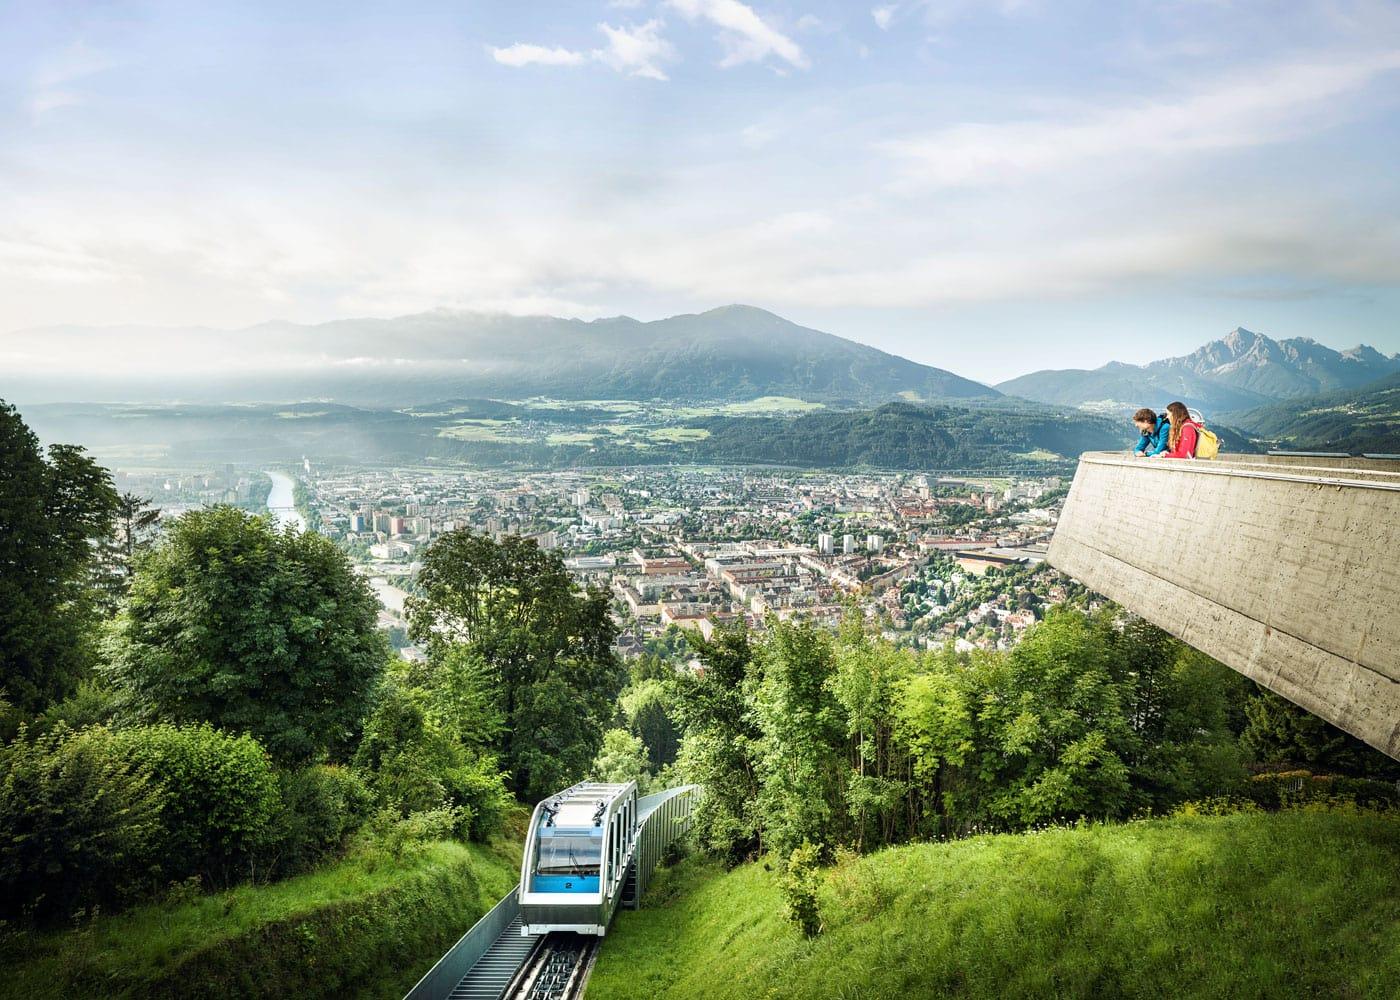 Mit der Bahn aus der Stadt in die Berge // HIMBEER